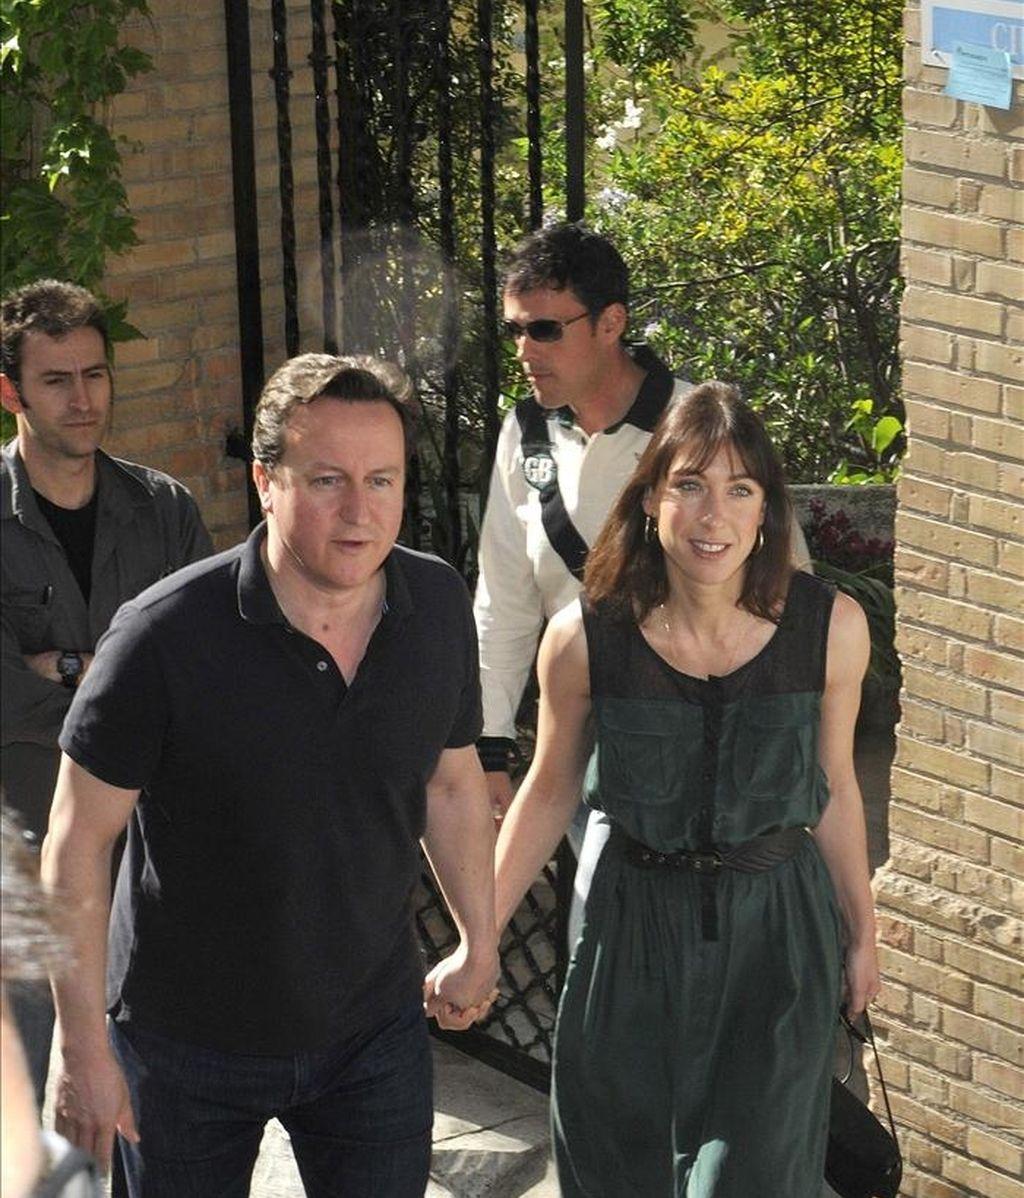 El primer ministro británico, David Cameron, y su esposa, Samantha, salen del hotel de tres estrellas en el histórico barrio del Realejo en Granada donde se alojan, en este segundo día de visita privada. EFE